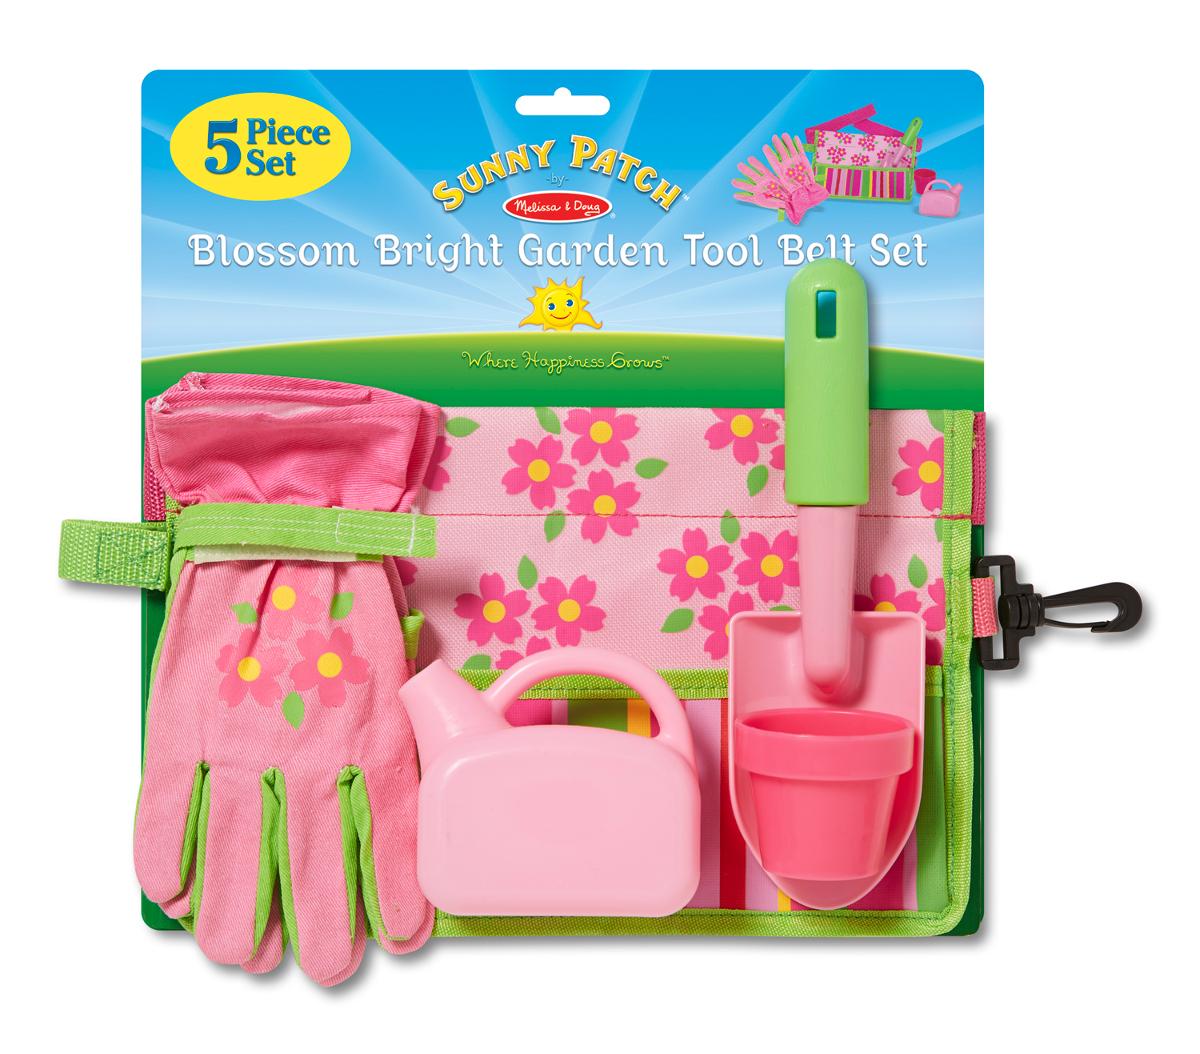 Blossom Bright Garden Tool Belt Set